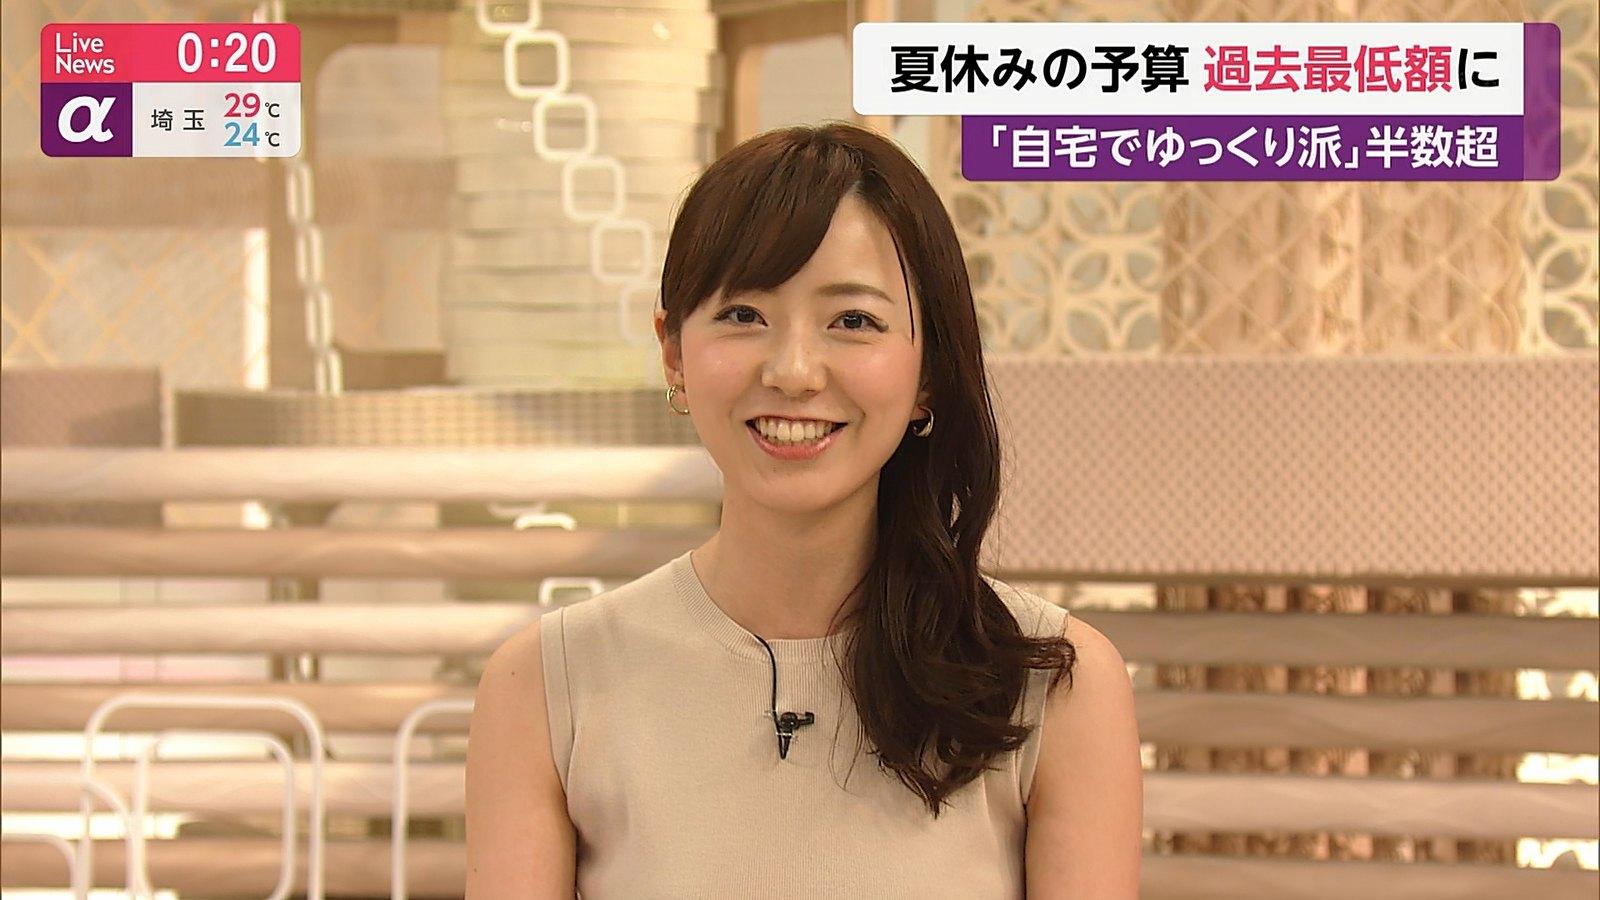 2019年7月19日「FNN Live News α」内田嶺衣奈さんのテレビキャプチャー画像-168